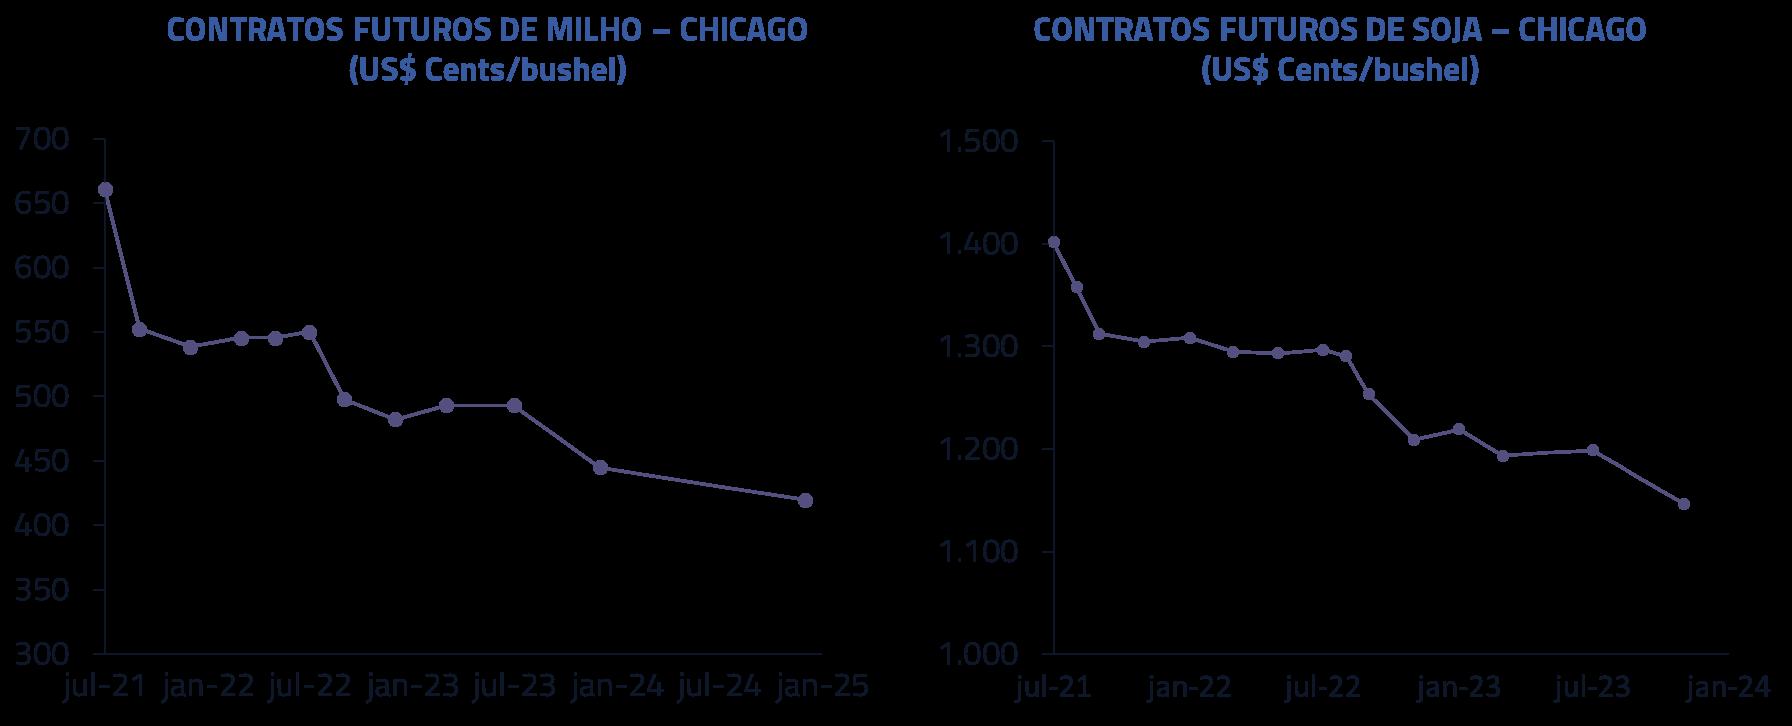 Contratos futuros de milho - Chicago | Contratos futuros de soja - Chicago